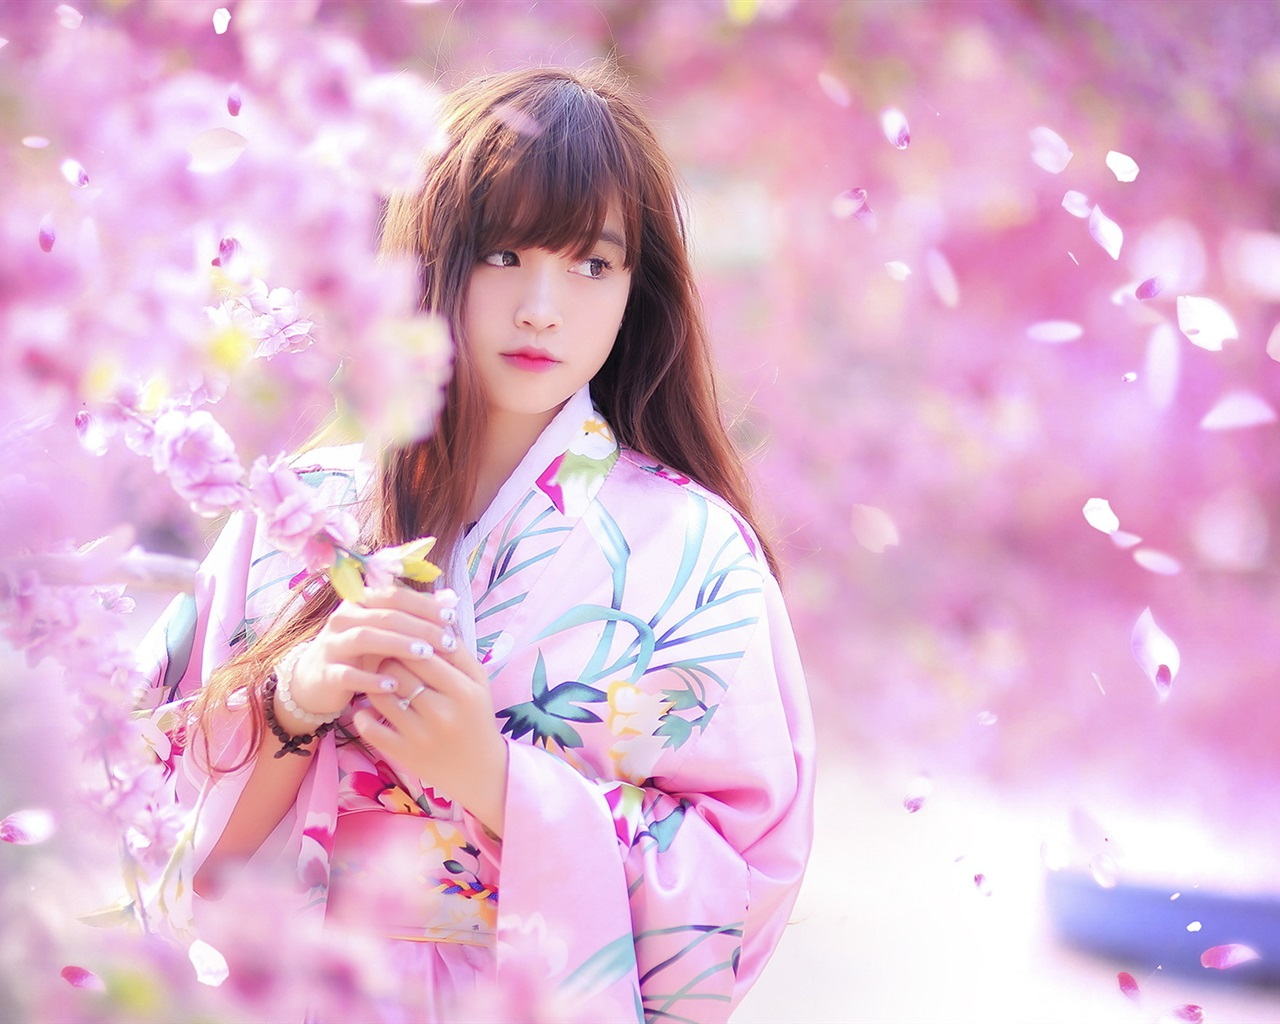 Wallpaper Lovely Japanese Girl, Spring, Sakura, Kimono -3677